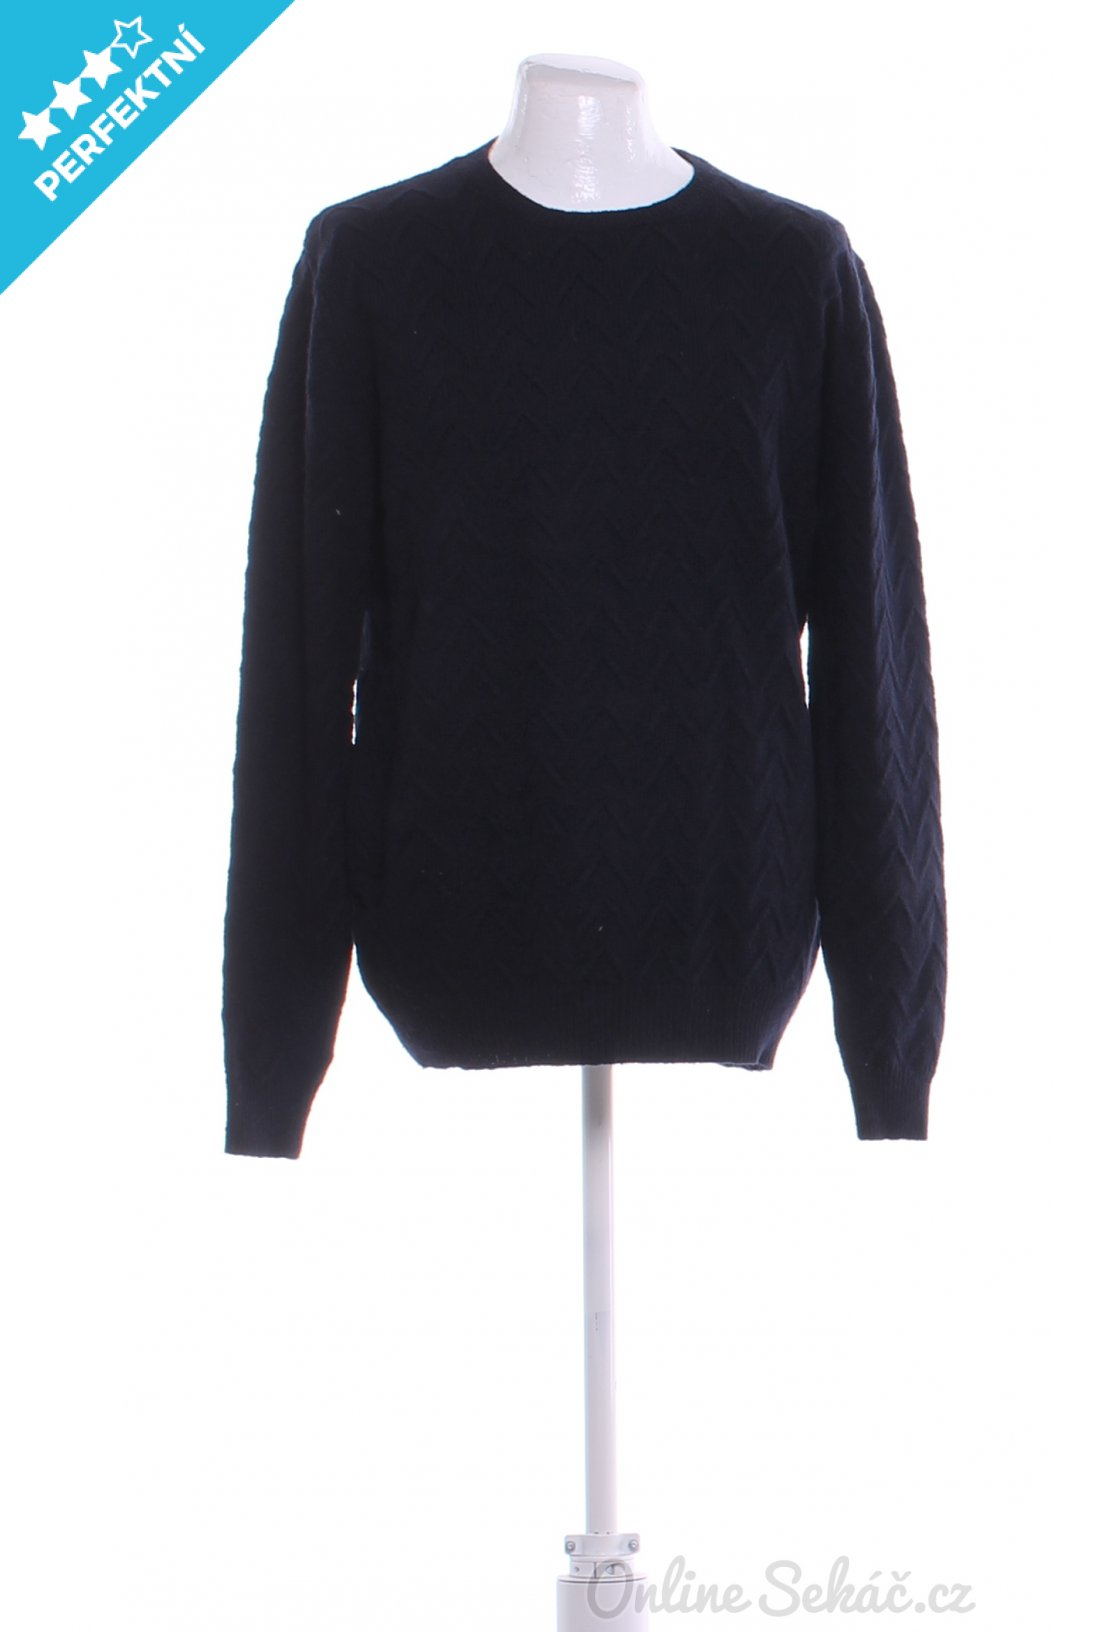 8e54bcc8714 Pánský zimní svetr PIETRO FILIPI XL